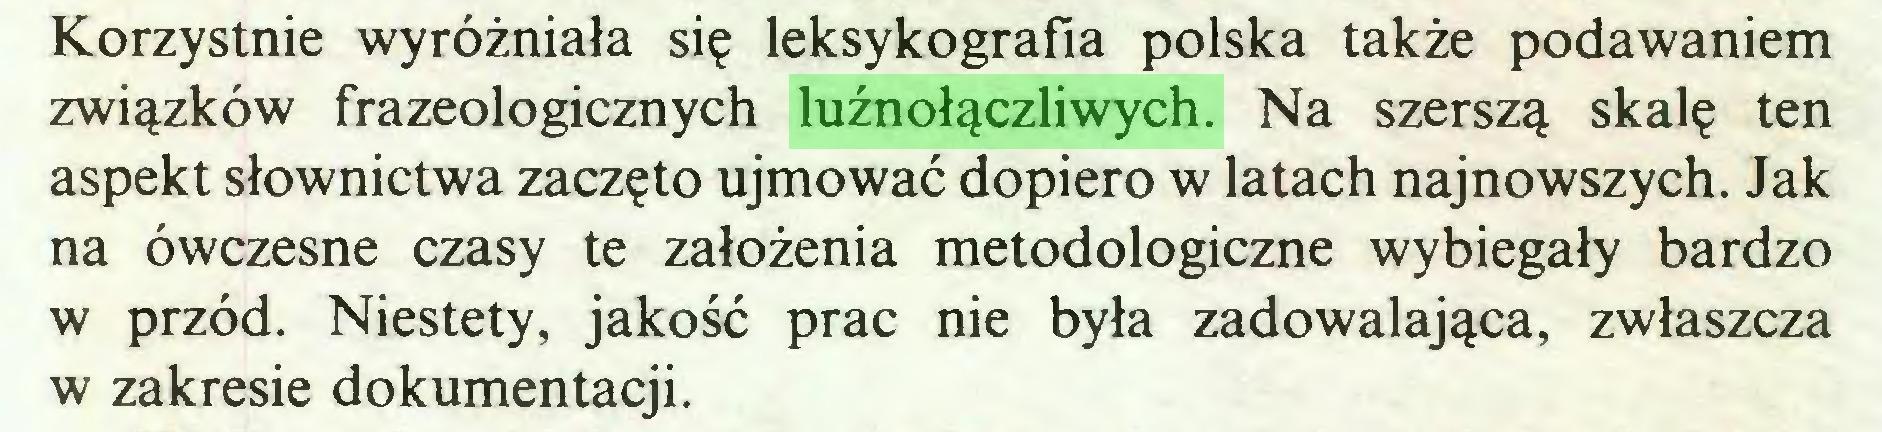 (...) Korzystnie wyróżniała się leksykografia polska także podawaniem związków frazeologicznych luźnołączliwych. Na szerszą skalę ten aspekt słownictwa zaczęto ujmować dopiero w latach najnowszych. Jak na ówczesne czasy te założenia metodologiczne wybiegały bardzo w przód. Niestety, jakość prac nie była zadowalająca, zwłaszcza w zakresie dokumentacji...